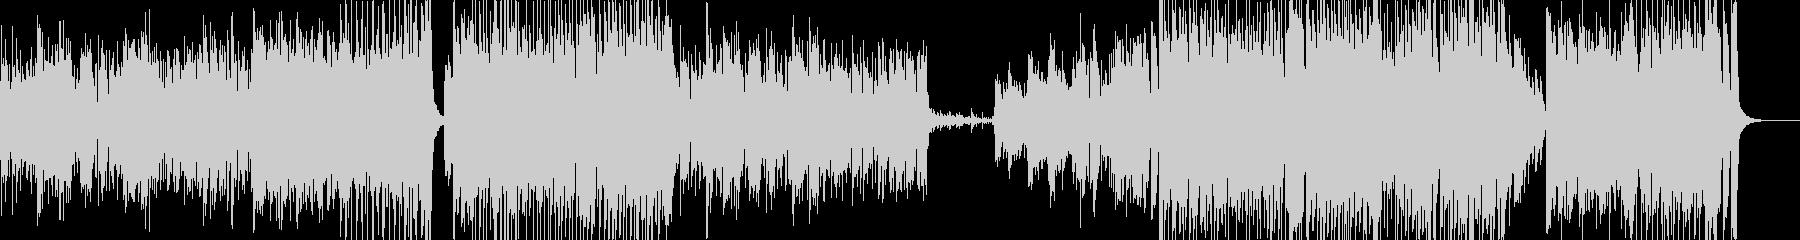 ピアノ主体のラテンなアップテンポの未再生の波形